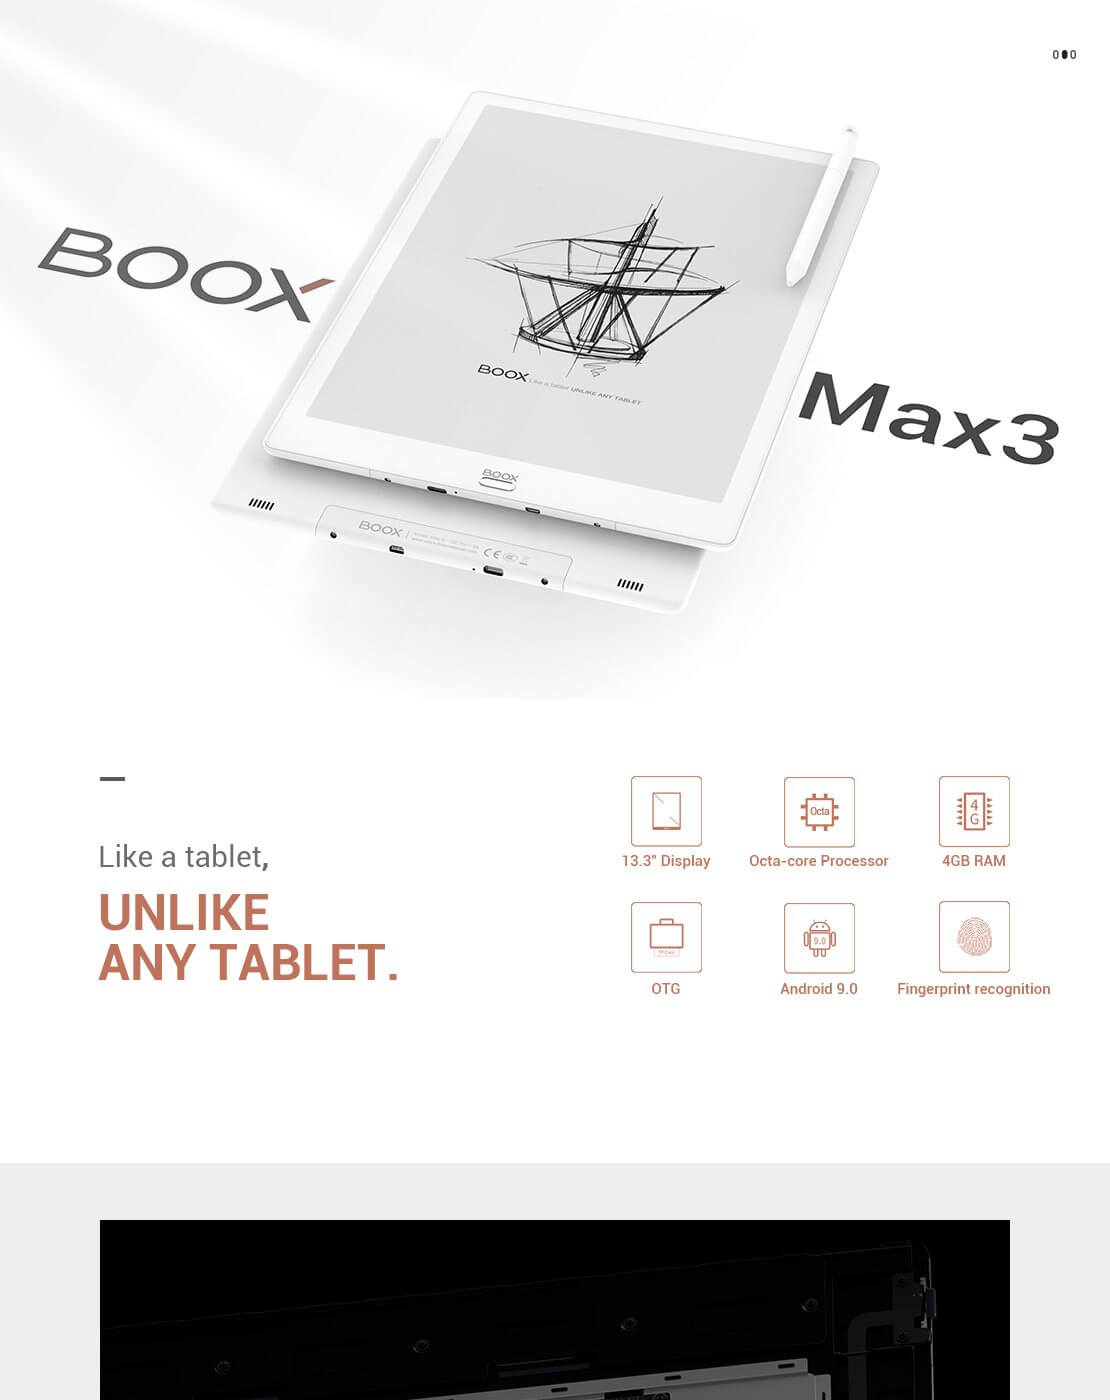 Onyx Boox Max 3